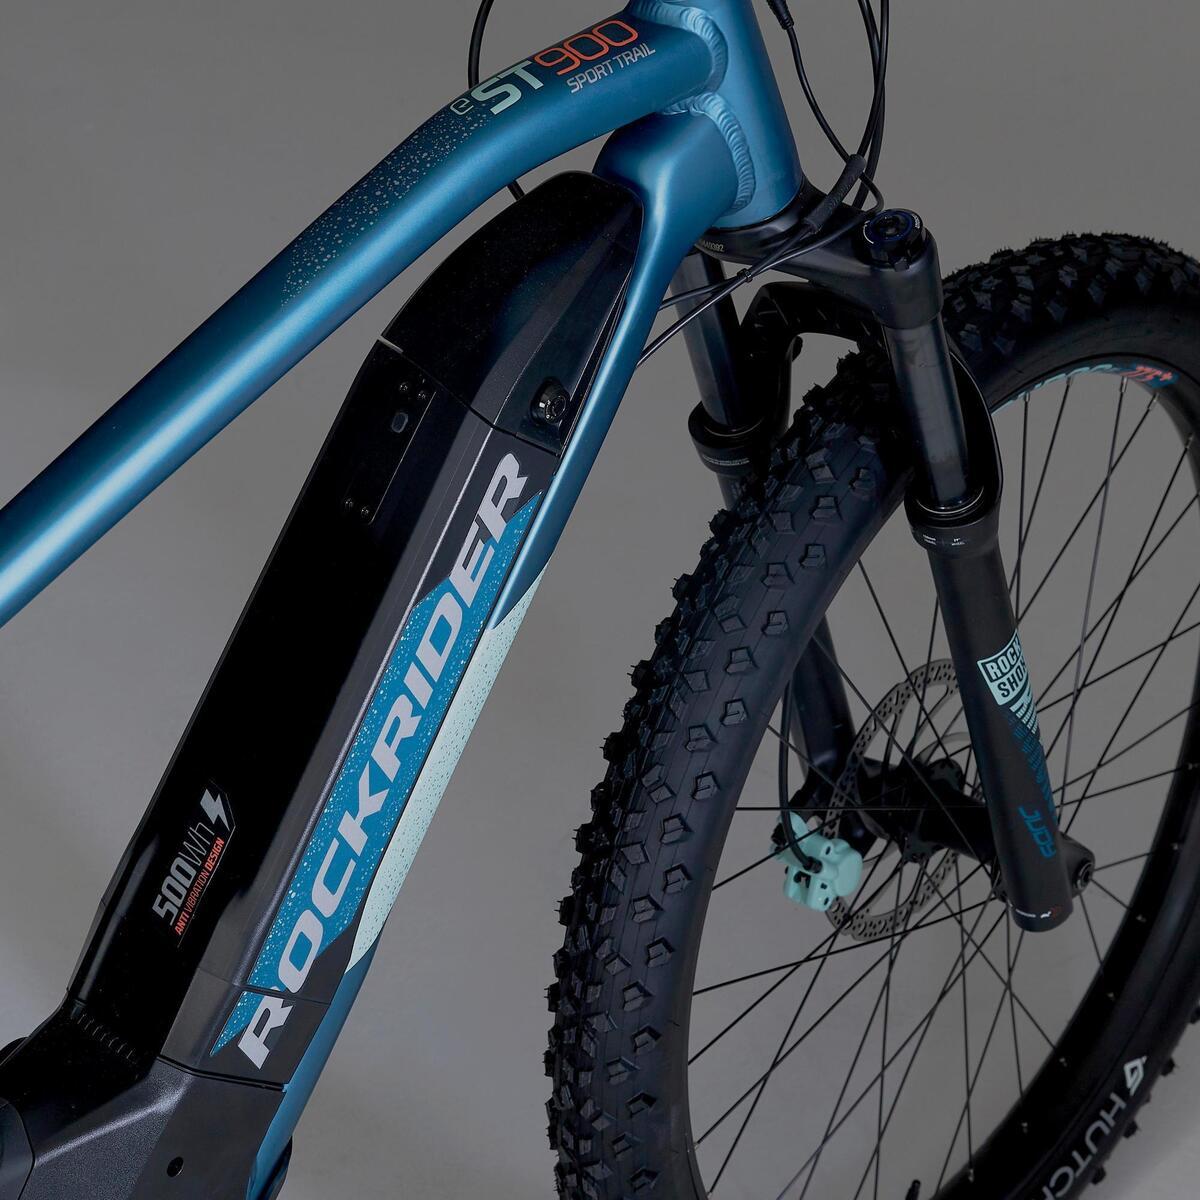 Bild 5 von E-Mountainbike 27,5 Zoll Rockrider E-ST900 Damen türkis